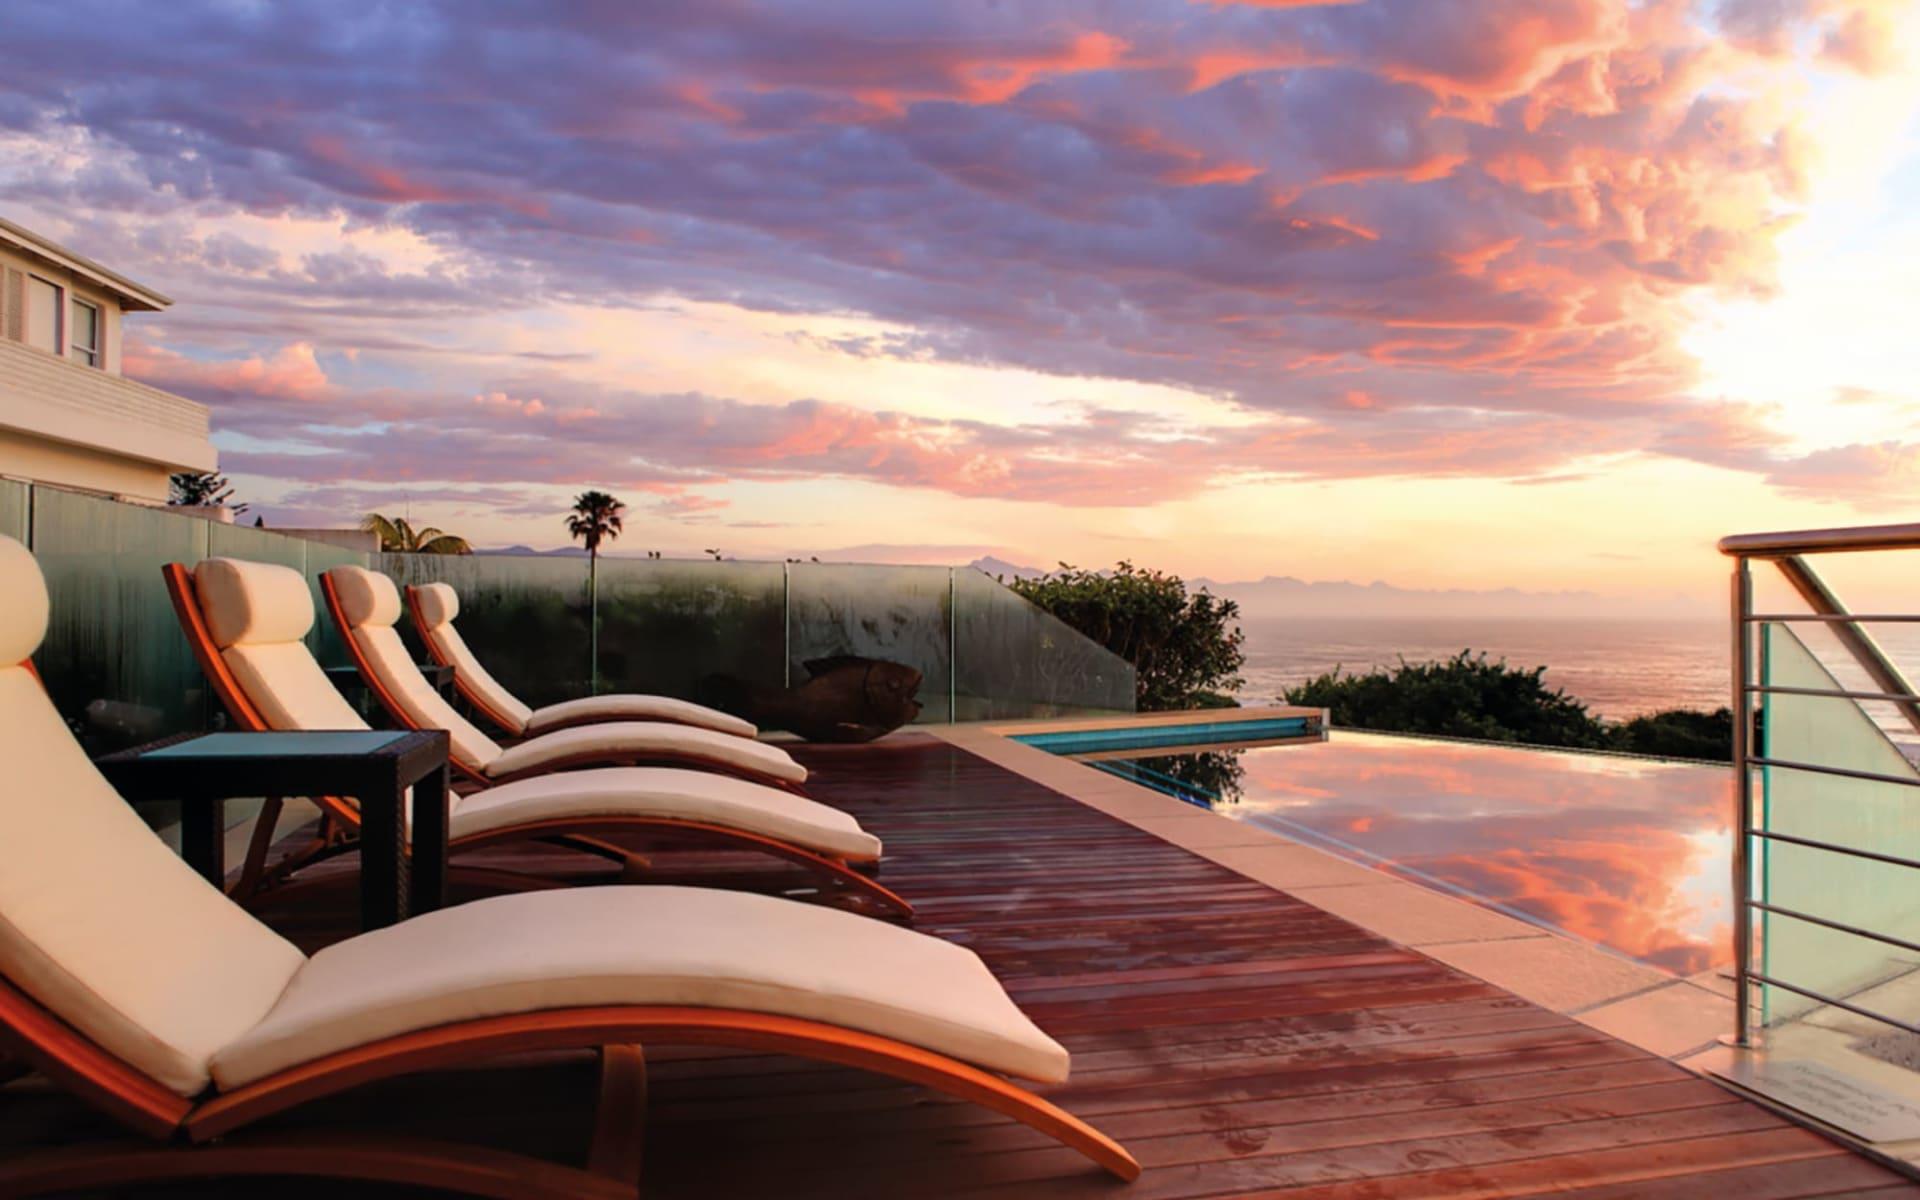 Periwinkle Guest Lodge in Plettenberg Bay: pool Periwinkle Guest Lodge - Pool mit Liegestühlen bei Sonnenuntergang